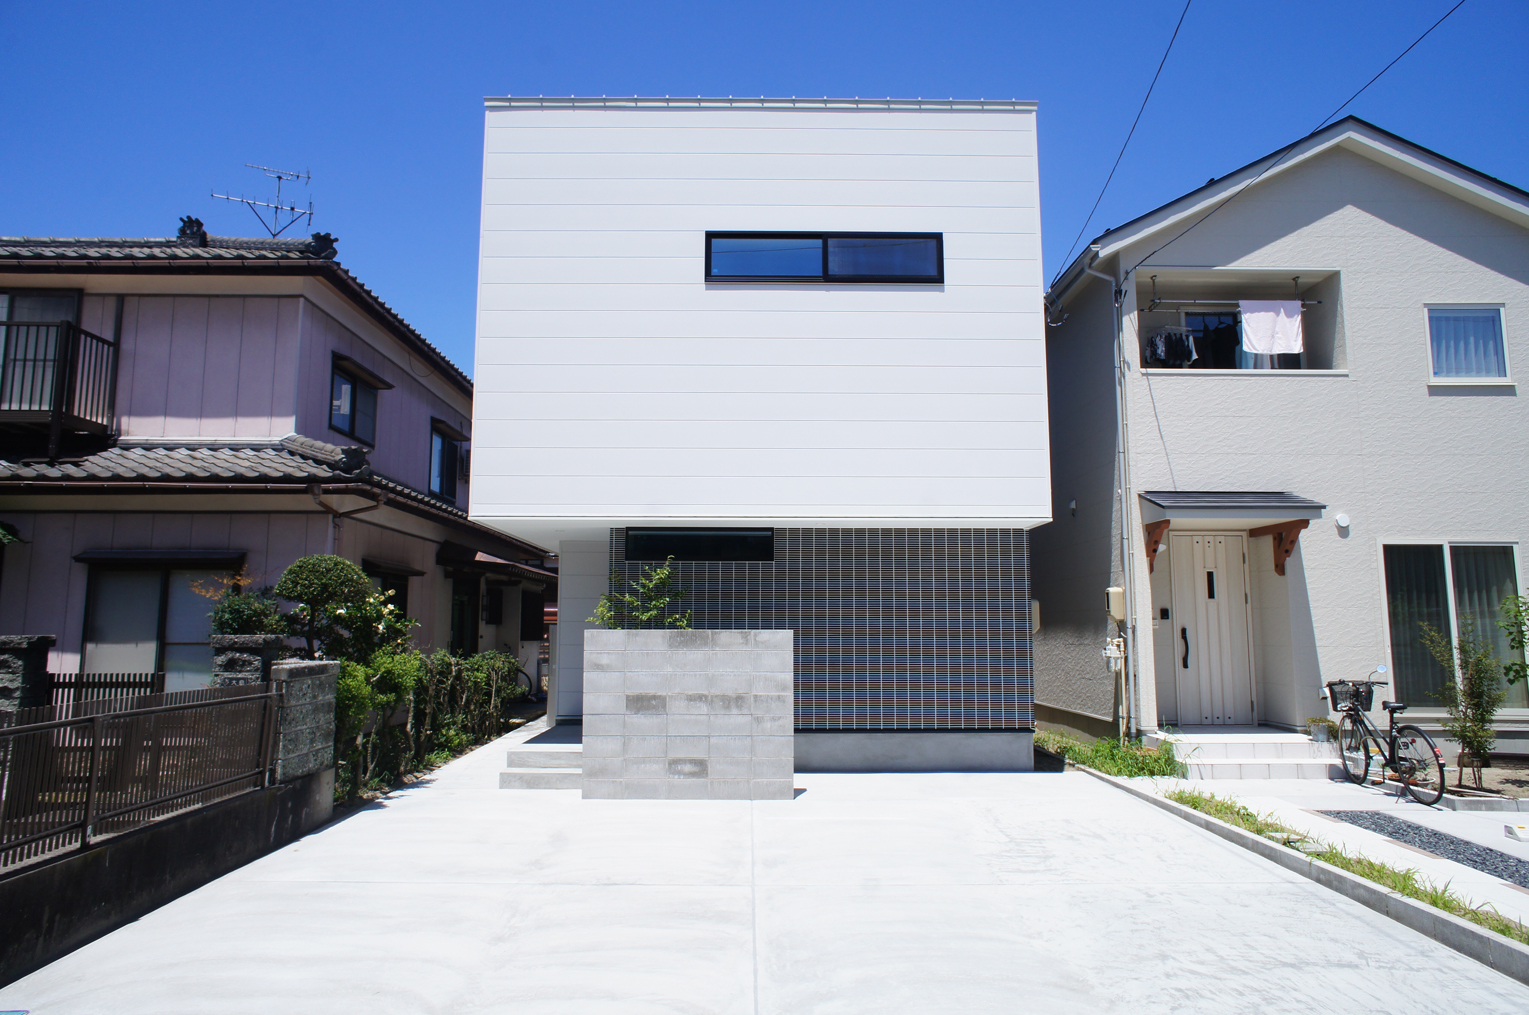 白と黒のコントラストが効いたファサード。 外壁の目地とサッシをあわせることで生まれる美しい体裁。